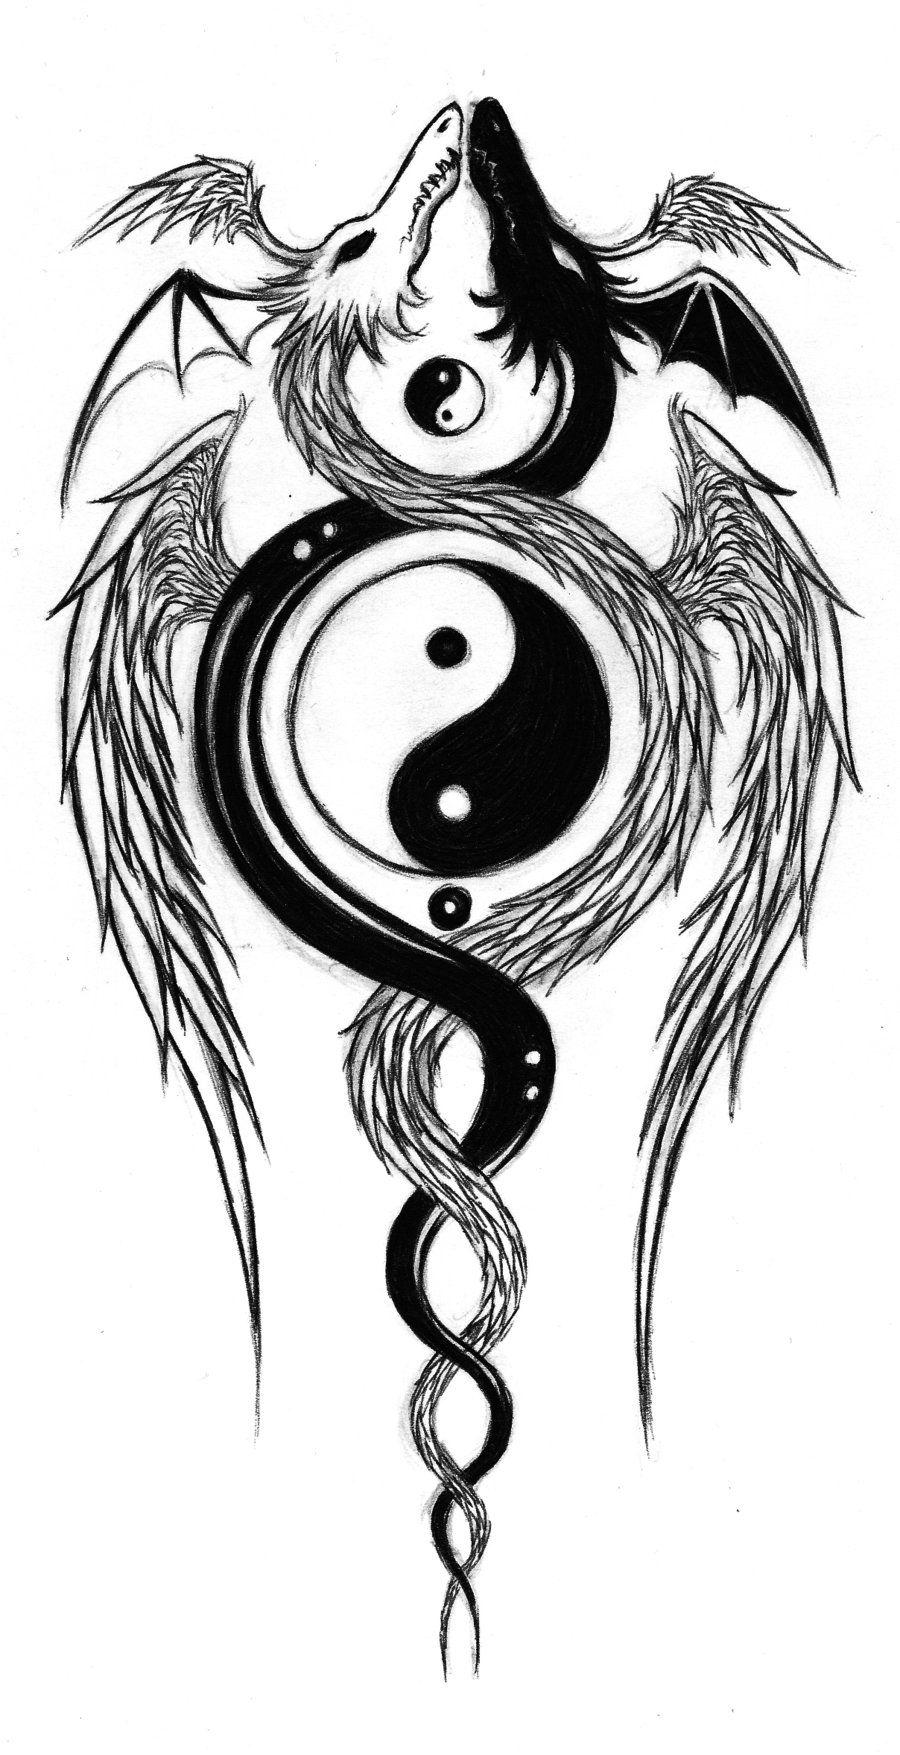 Dragons yin and yang google search dragons pinterest dragons yin and yang google search biocorpaavc